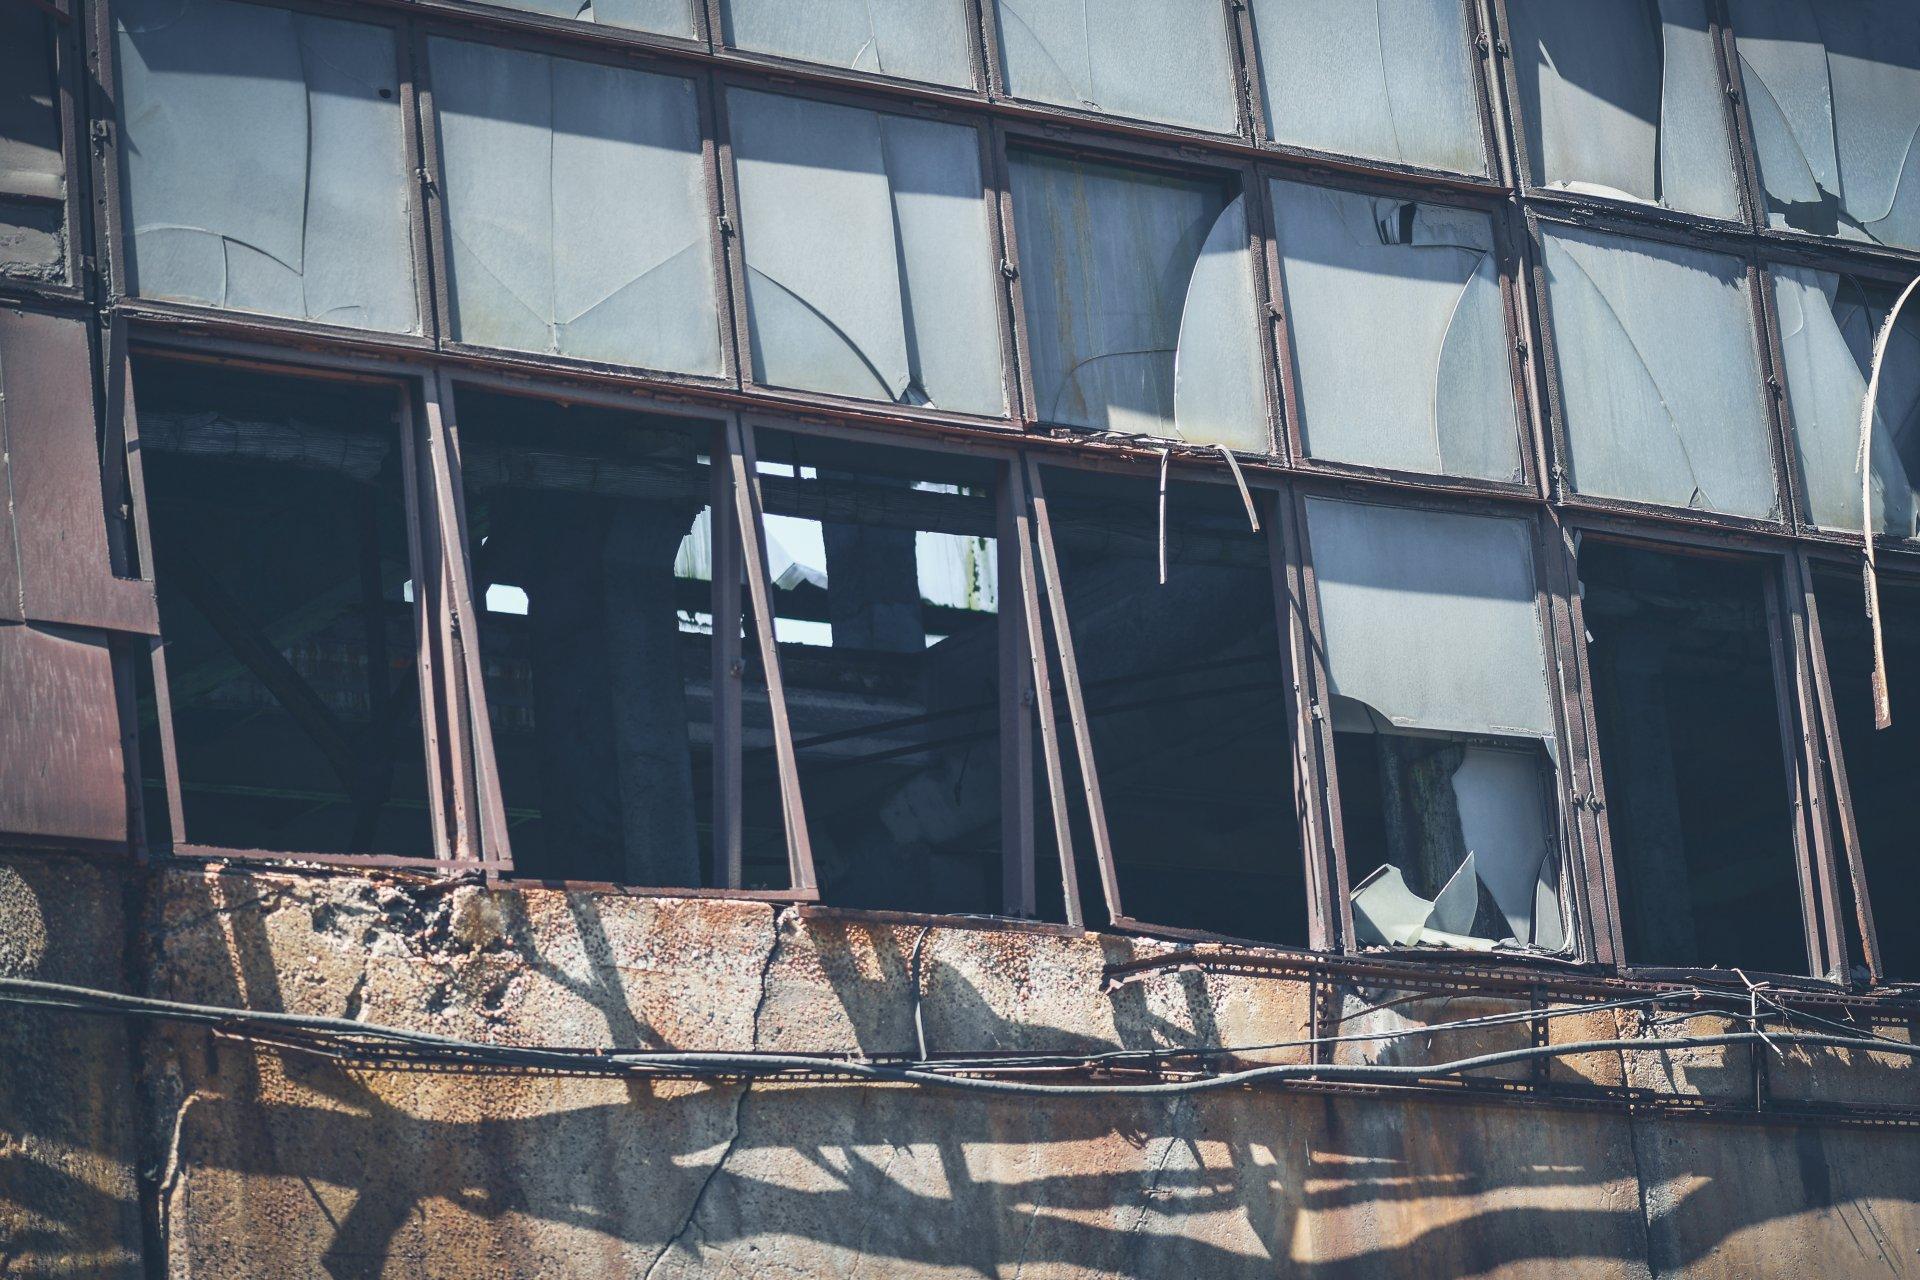 Gebäudeschadstofferkundung & Erstellen von Gebäuderückbaukonzepten